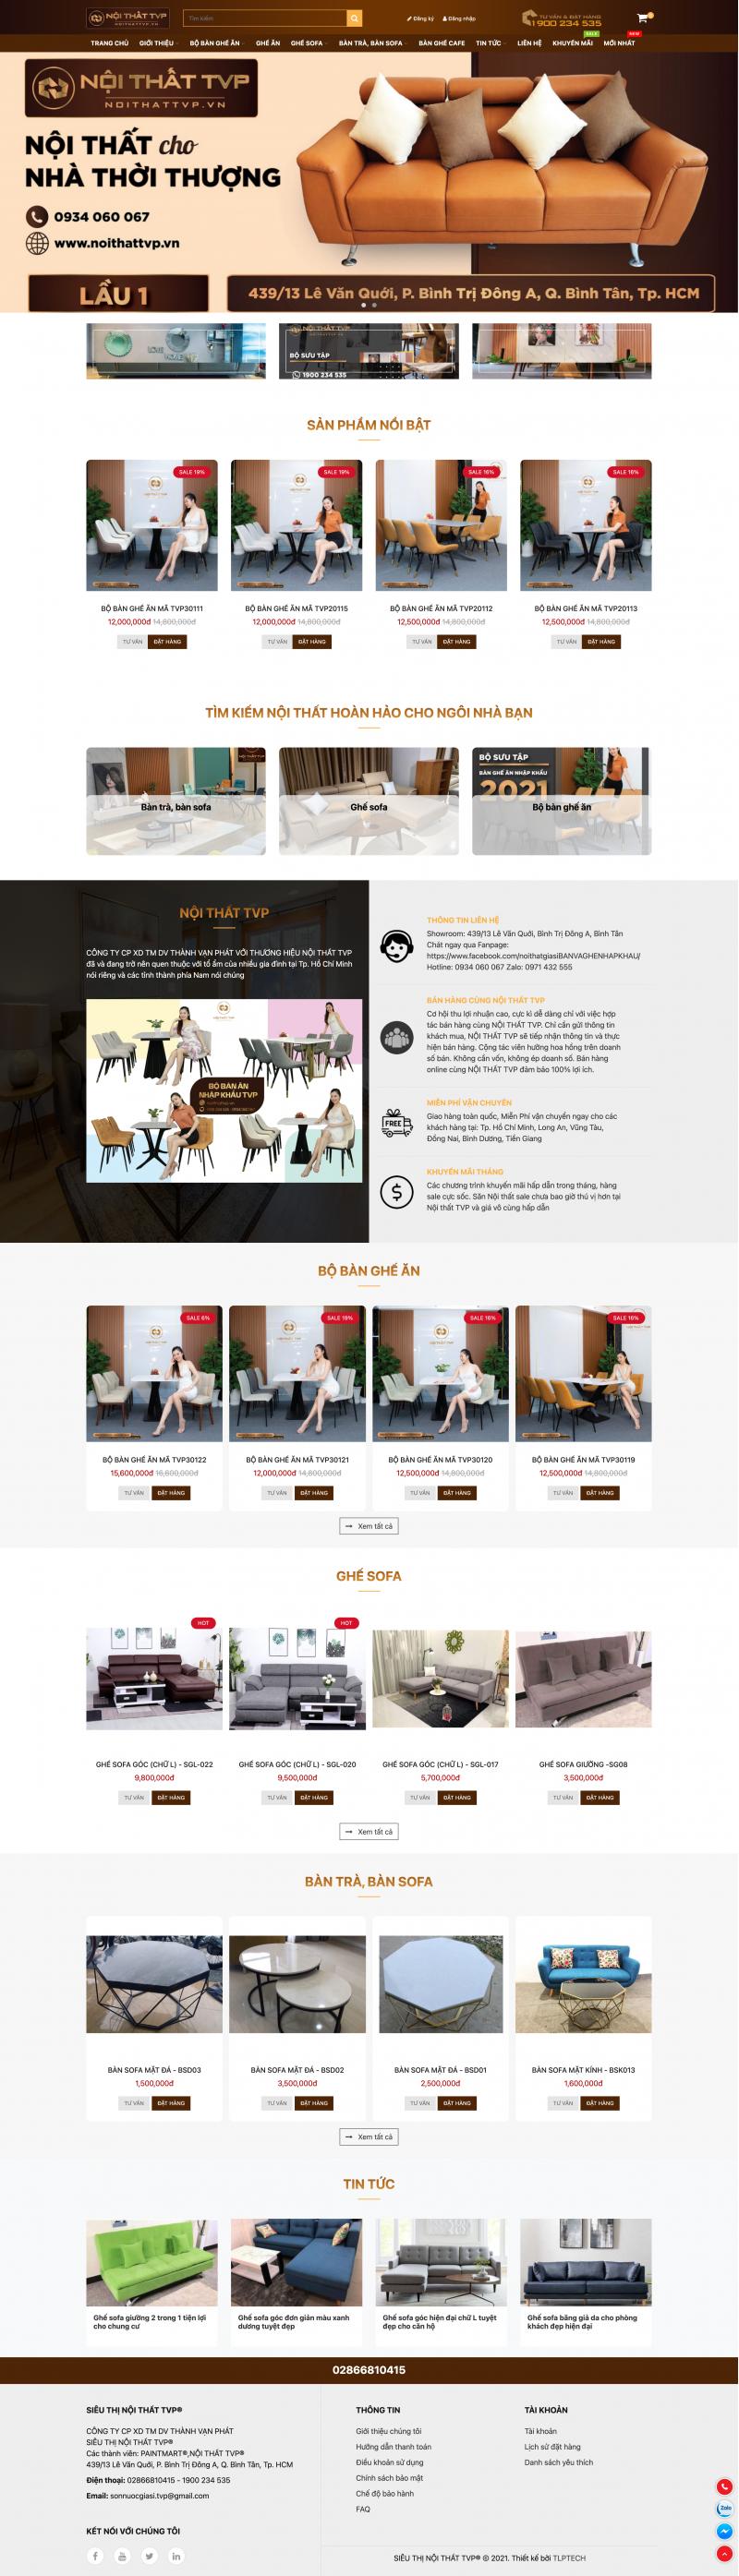 Thiết kế web nội thất - bàn và ghế